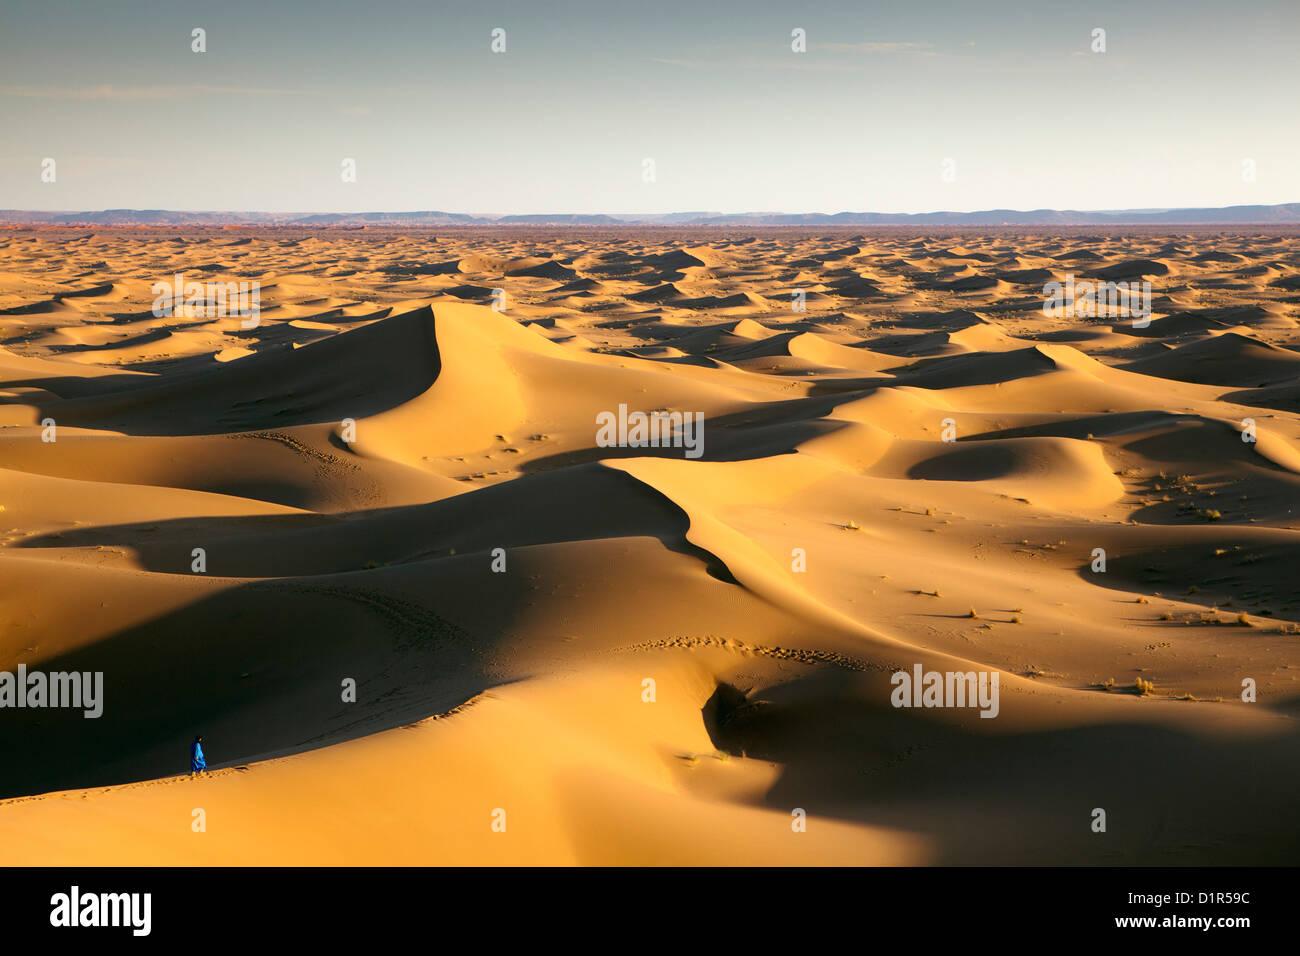 Marruecos, M'Hamid, Erg Chigaga dunas de arena. El desierto del Sahara. Hombre bereber local sobre una duna de arena, Foto de stock